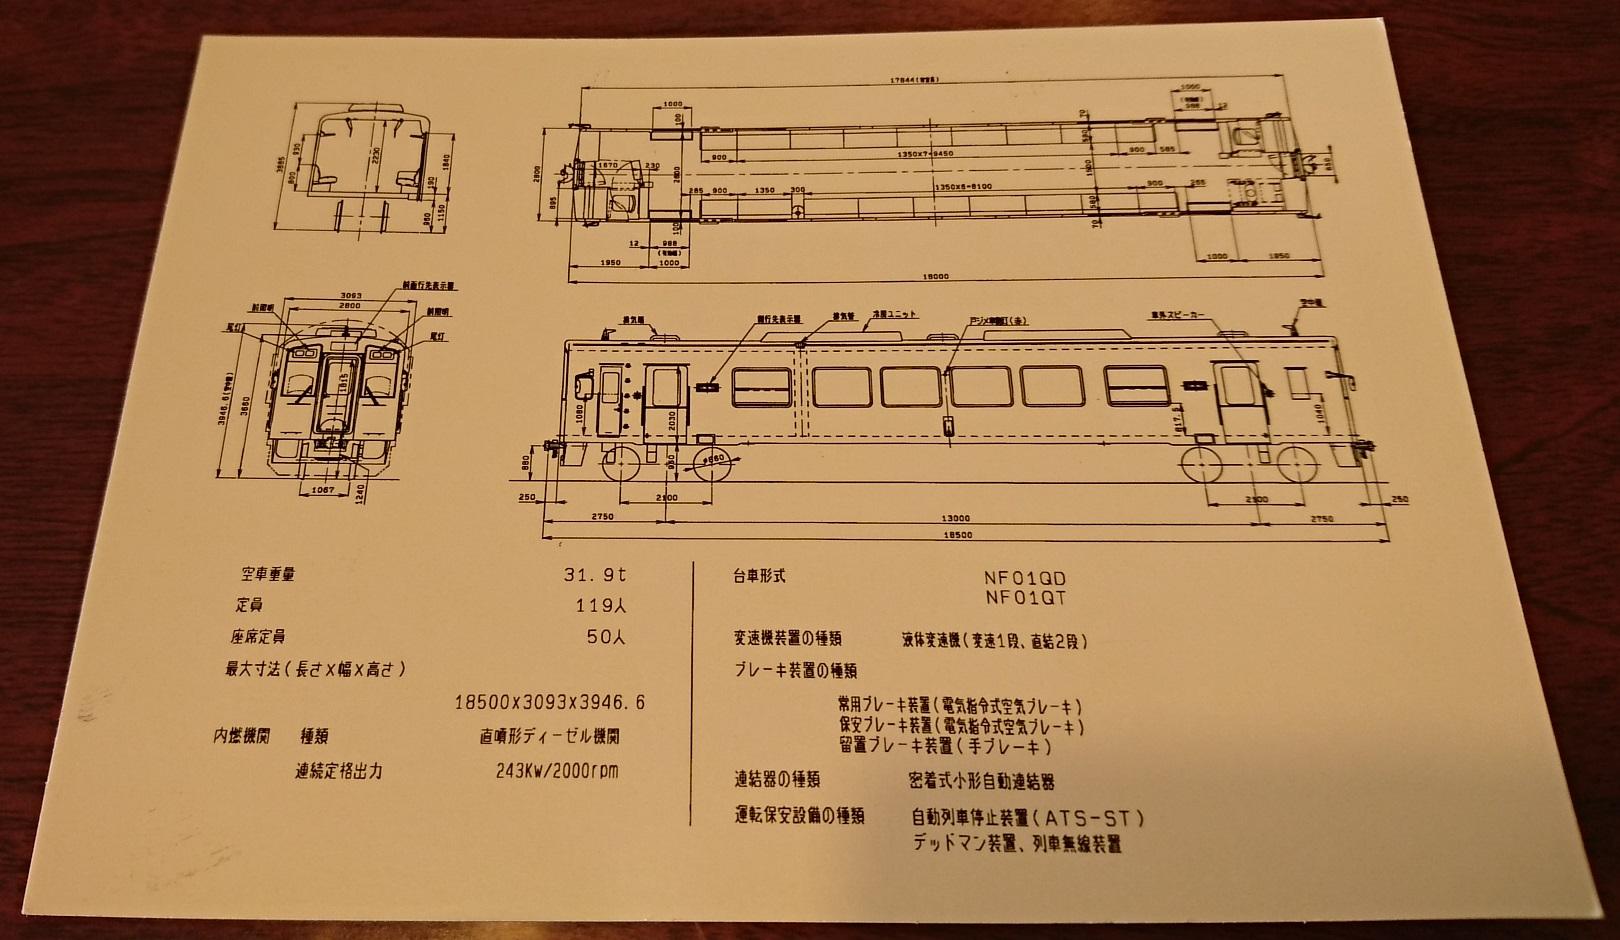 2017.5.19 大井 (53) アケチ101号の寸法 1620-940